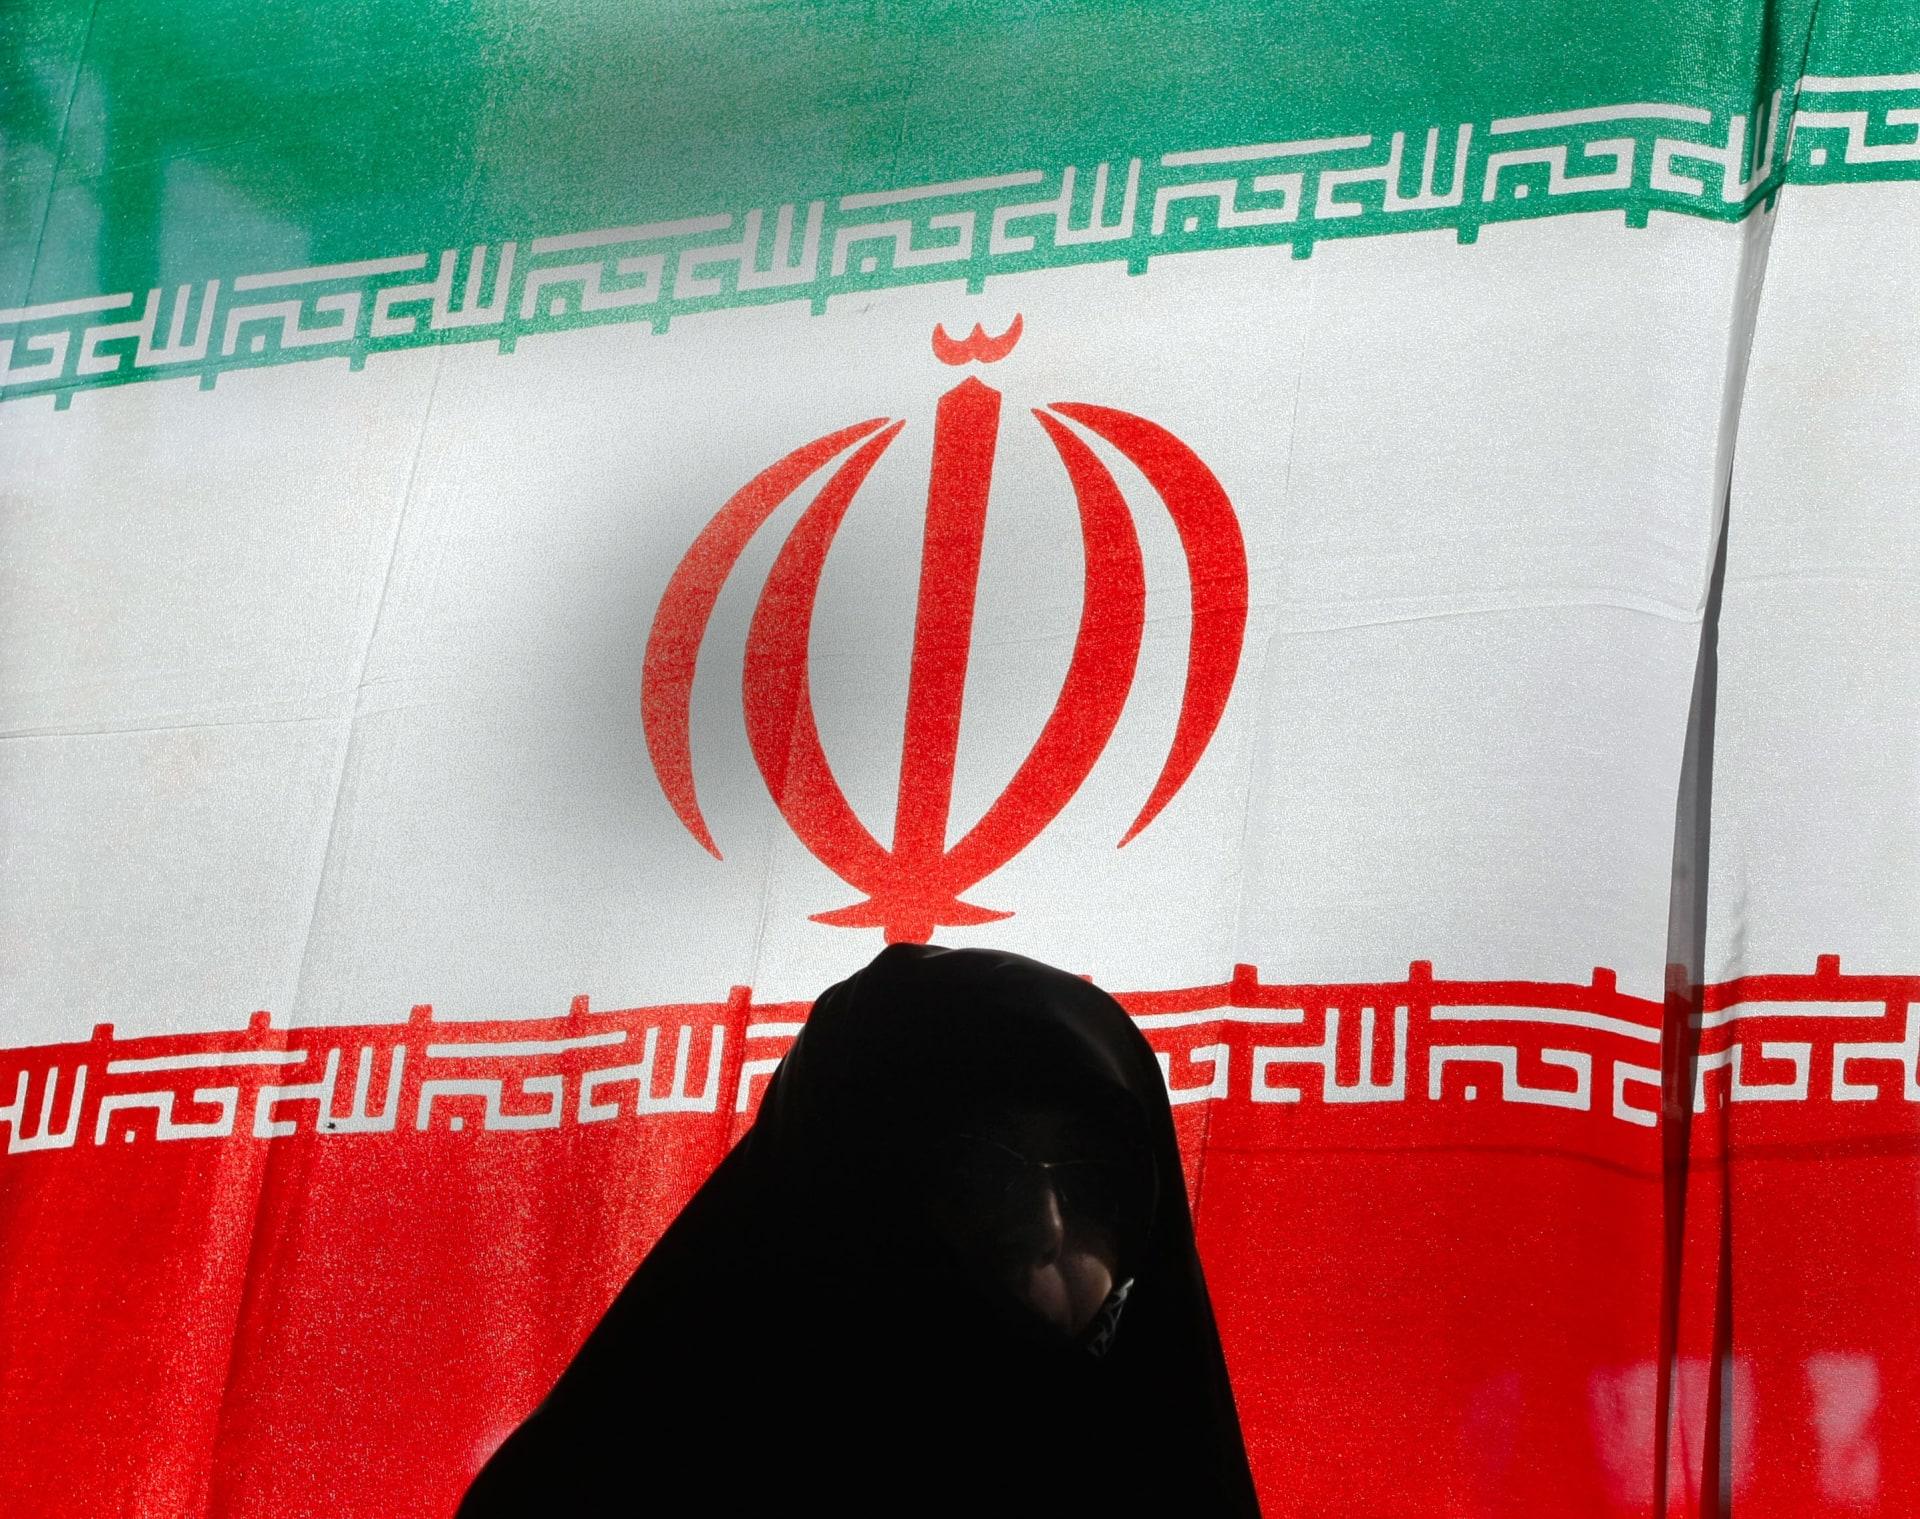 إيران تكشف عن سير المفاوضات مع السعودية وتدافع عن حقها بإرسال وقود إلى لبنان